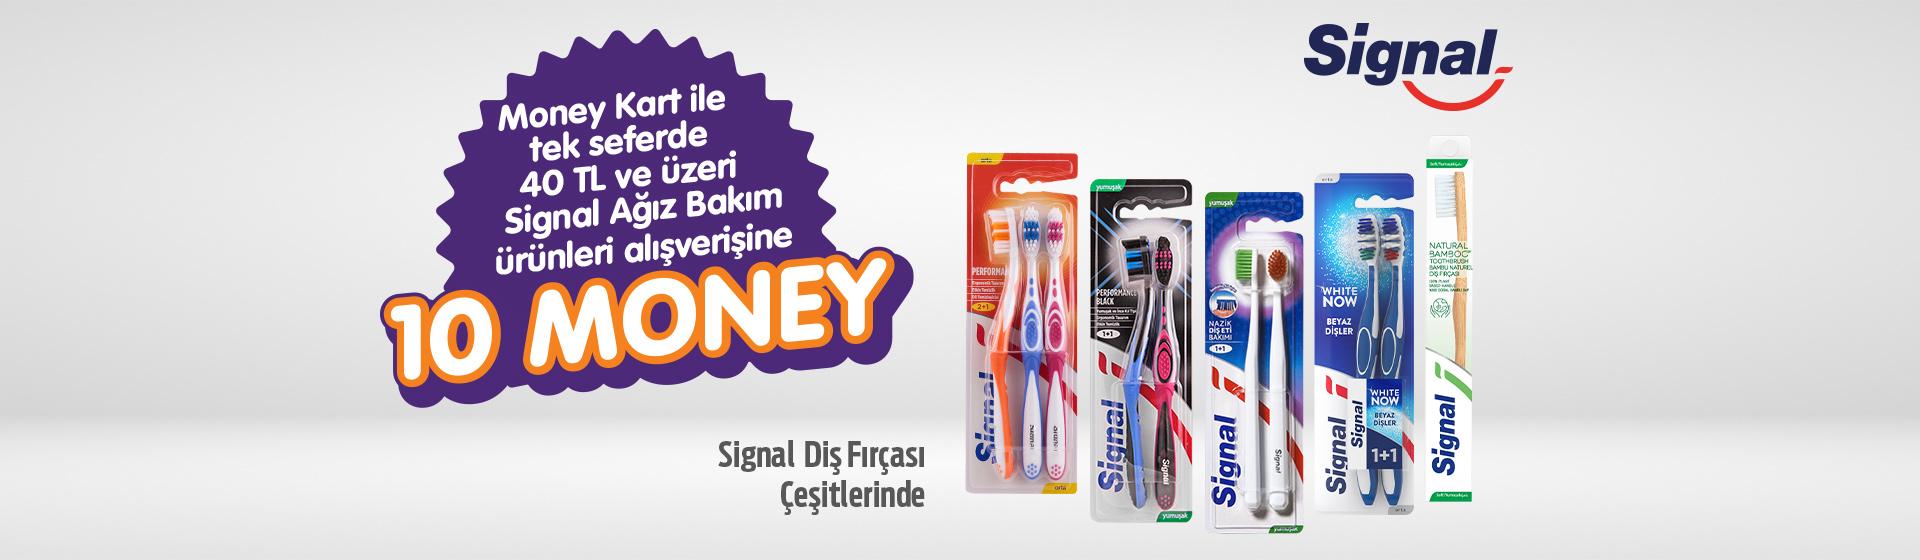 Signal Money Kampanyası